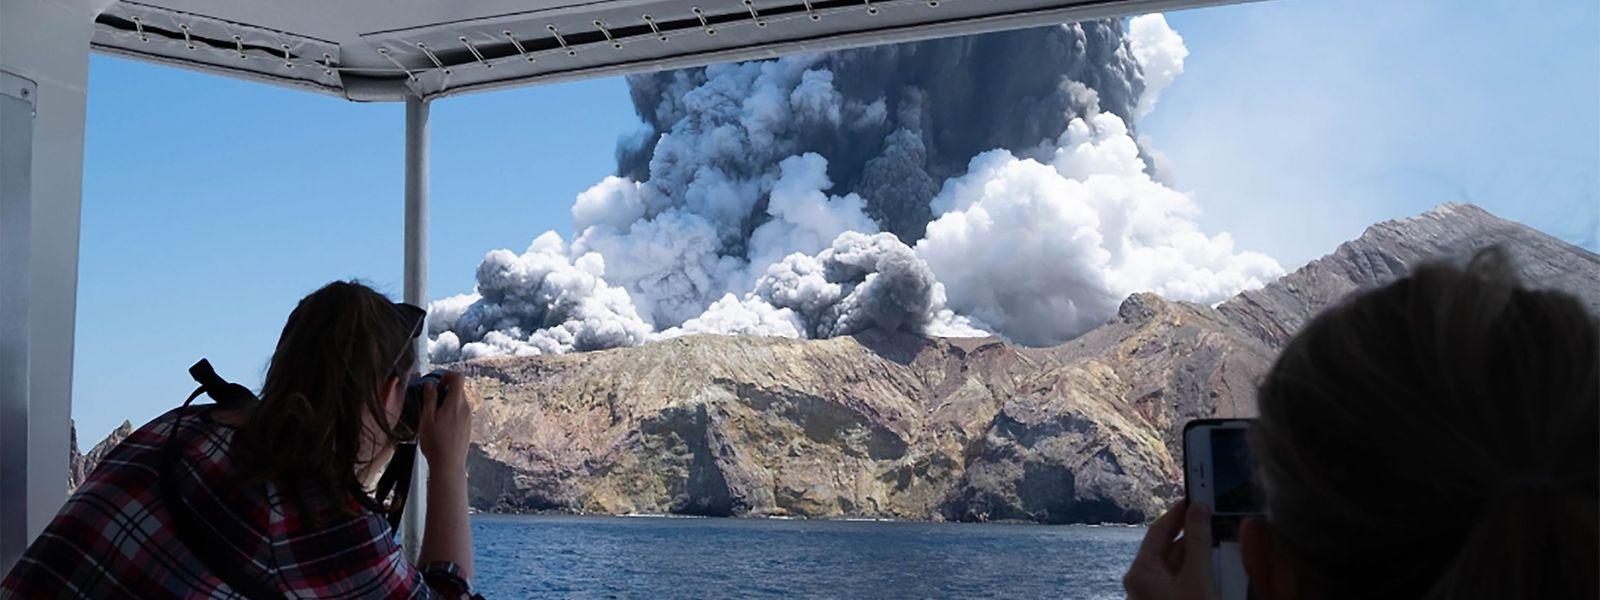 Der Vulkan auf White Island, kurz nach dem Ausbruch.